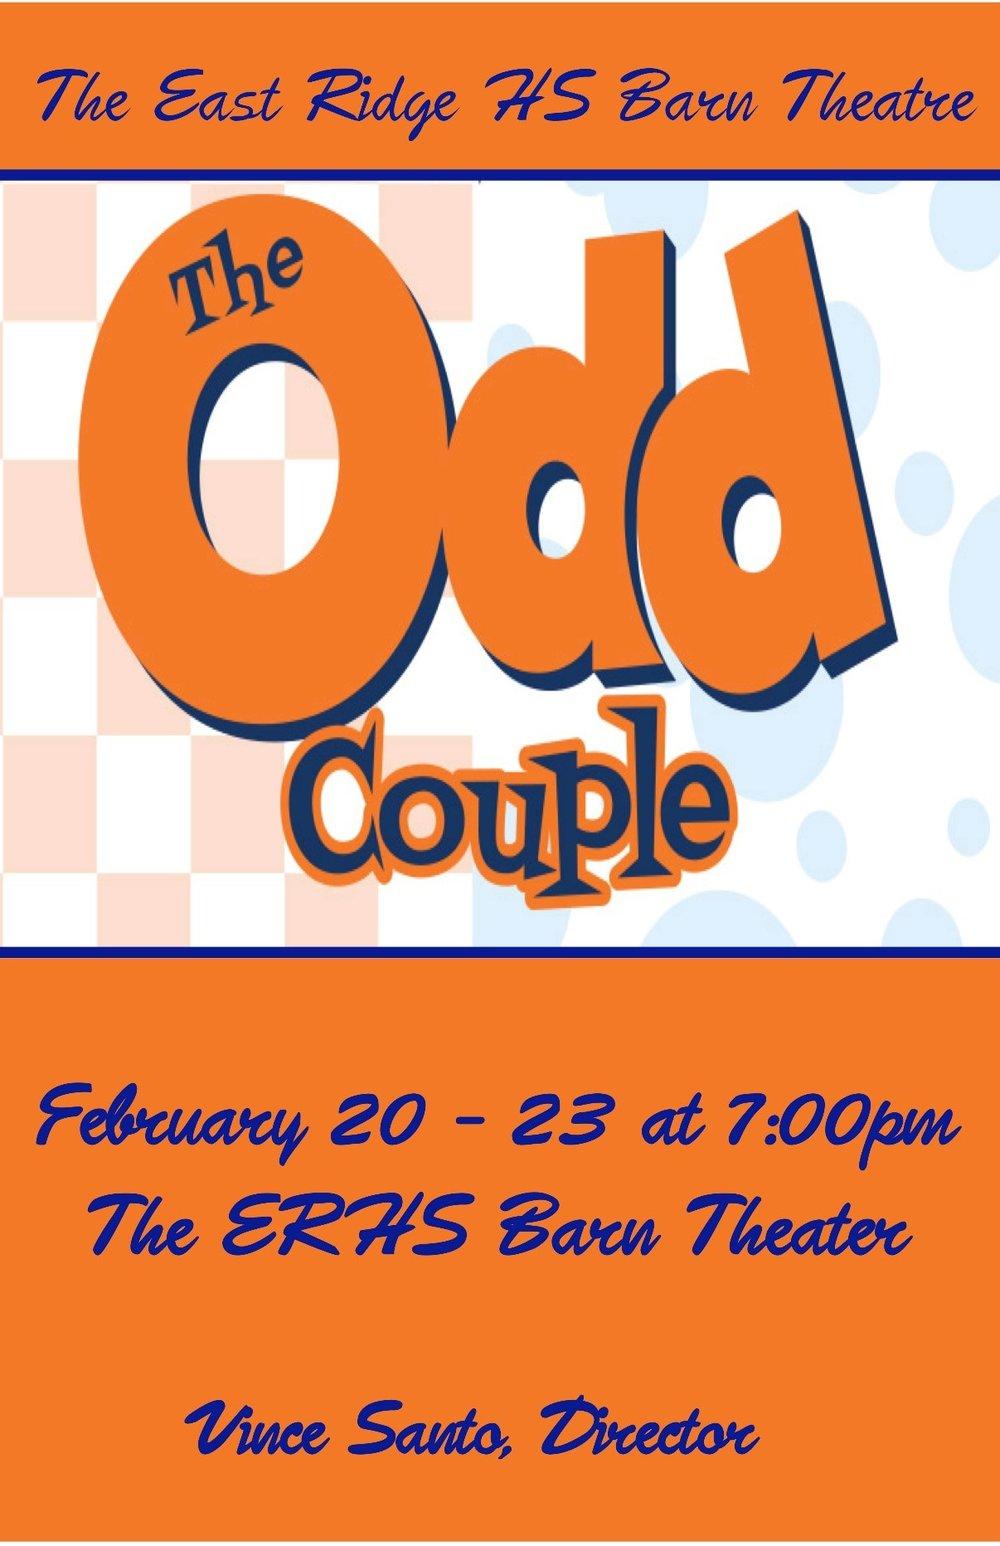 Odd couple poster.jpg